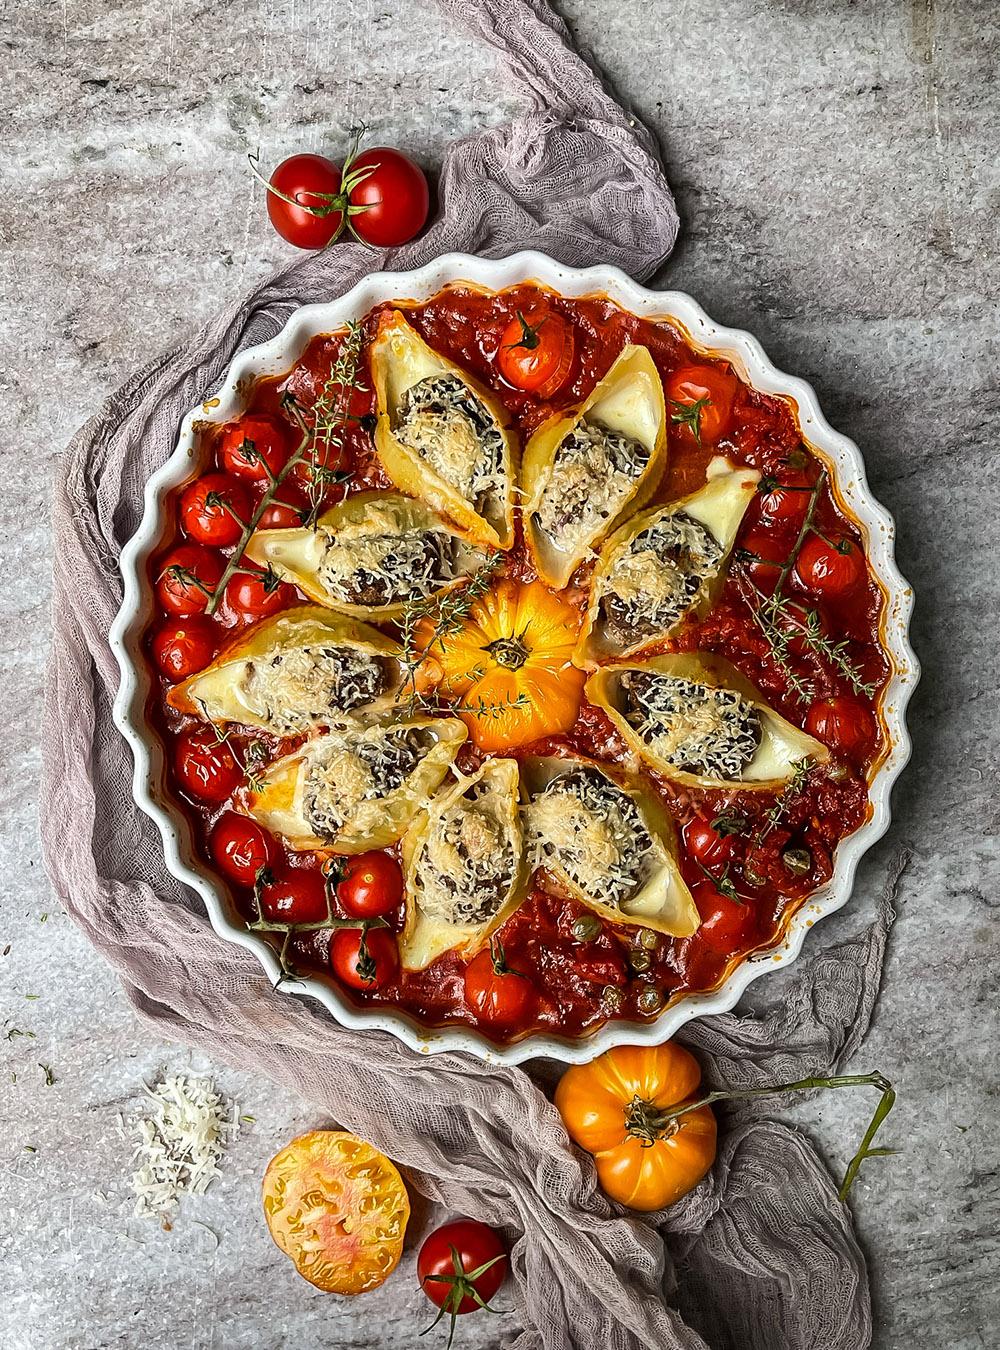 Pasta und Tomaten - Conchiglioni mit Hackbällchen im Tomatenglück